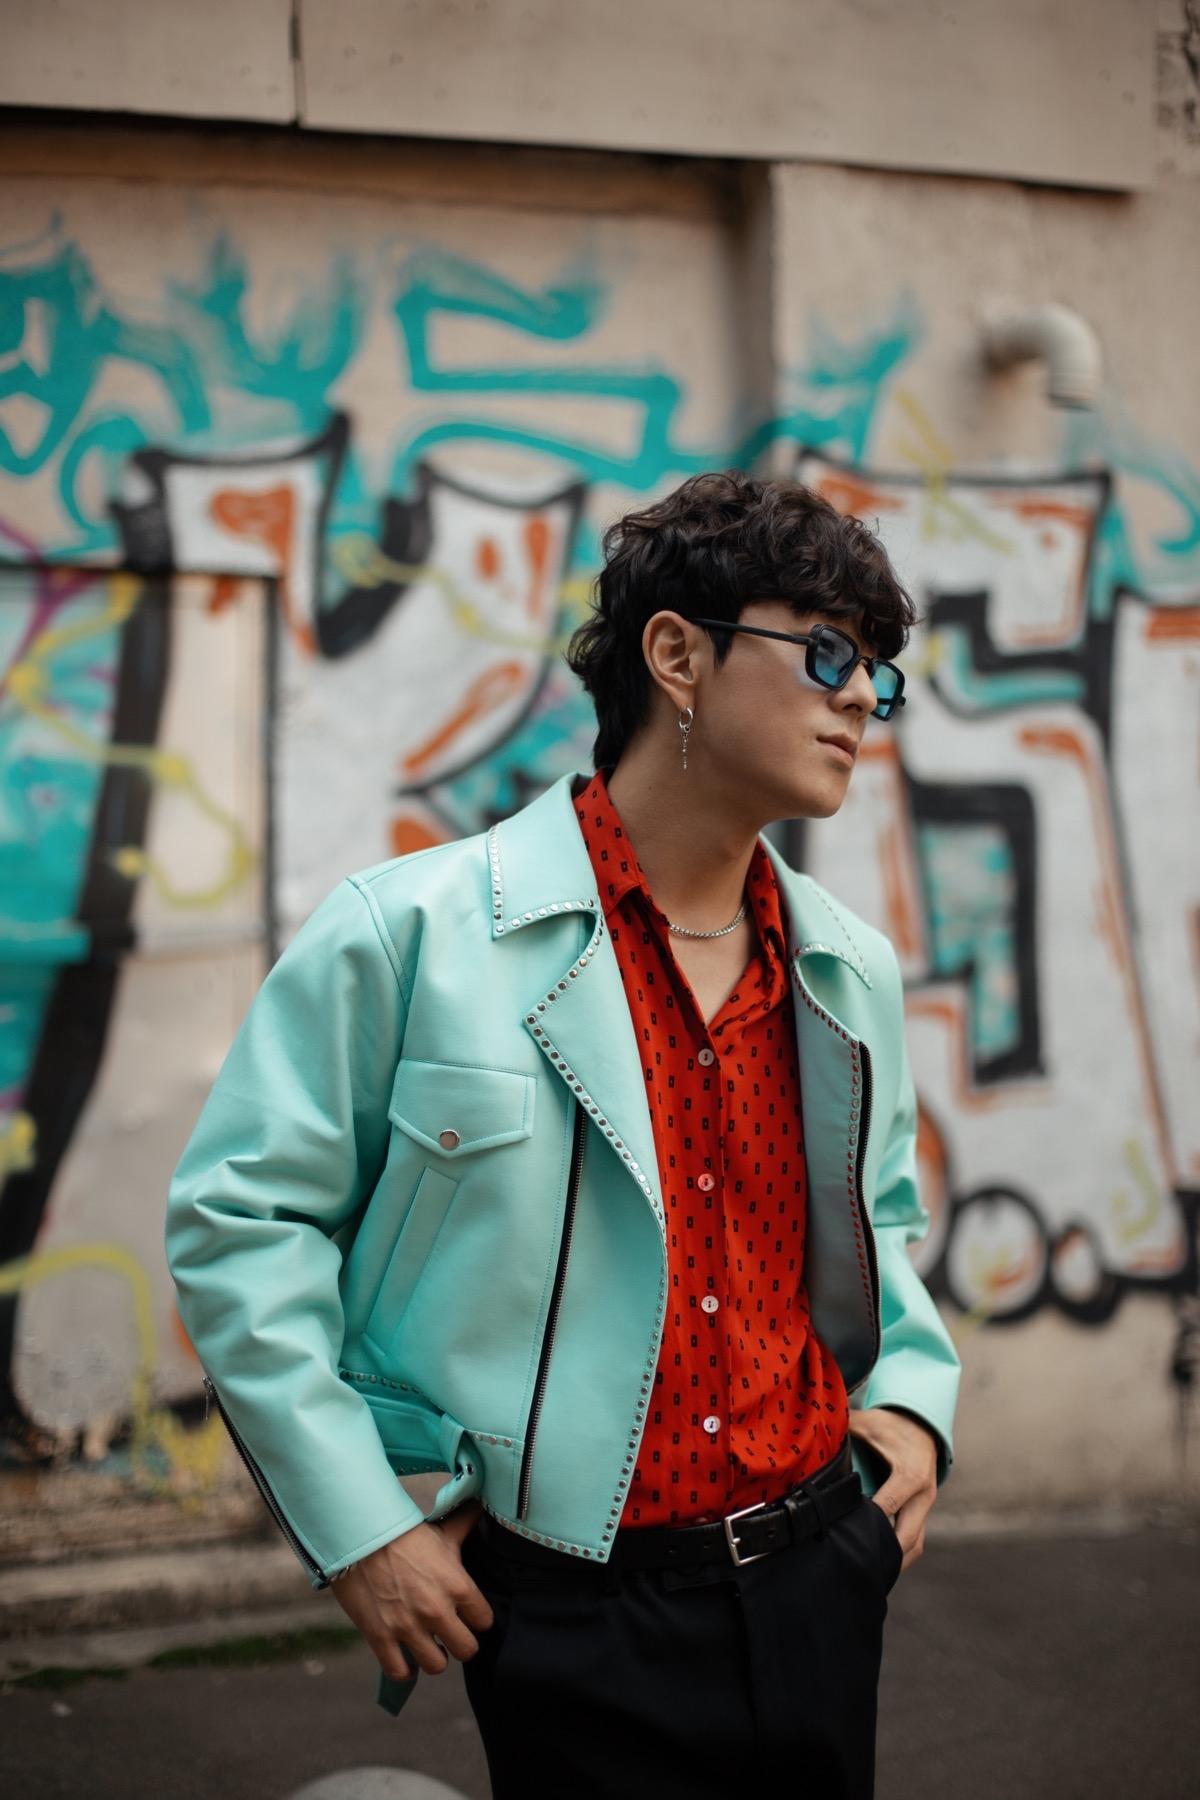 Корейський співак Song wonsub в новій фотосесії приміряв образи від українських дизайнерів - фото №4